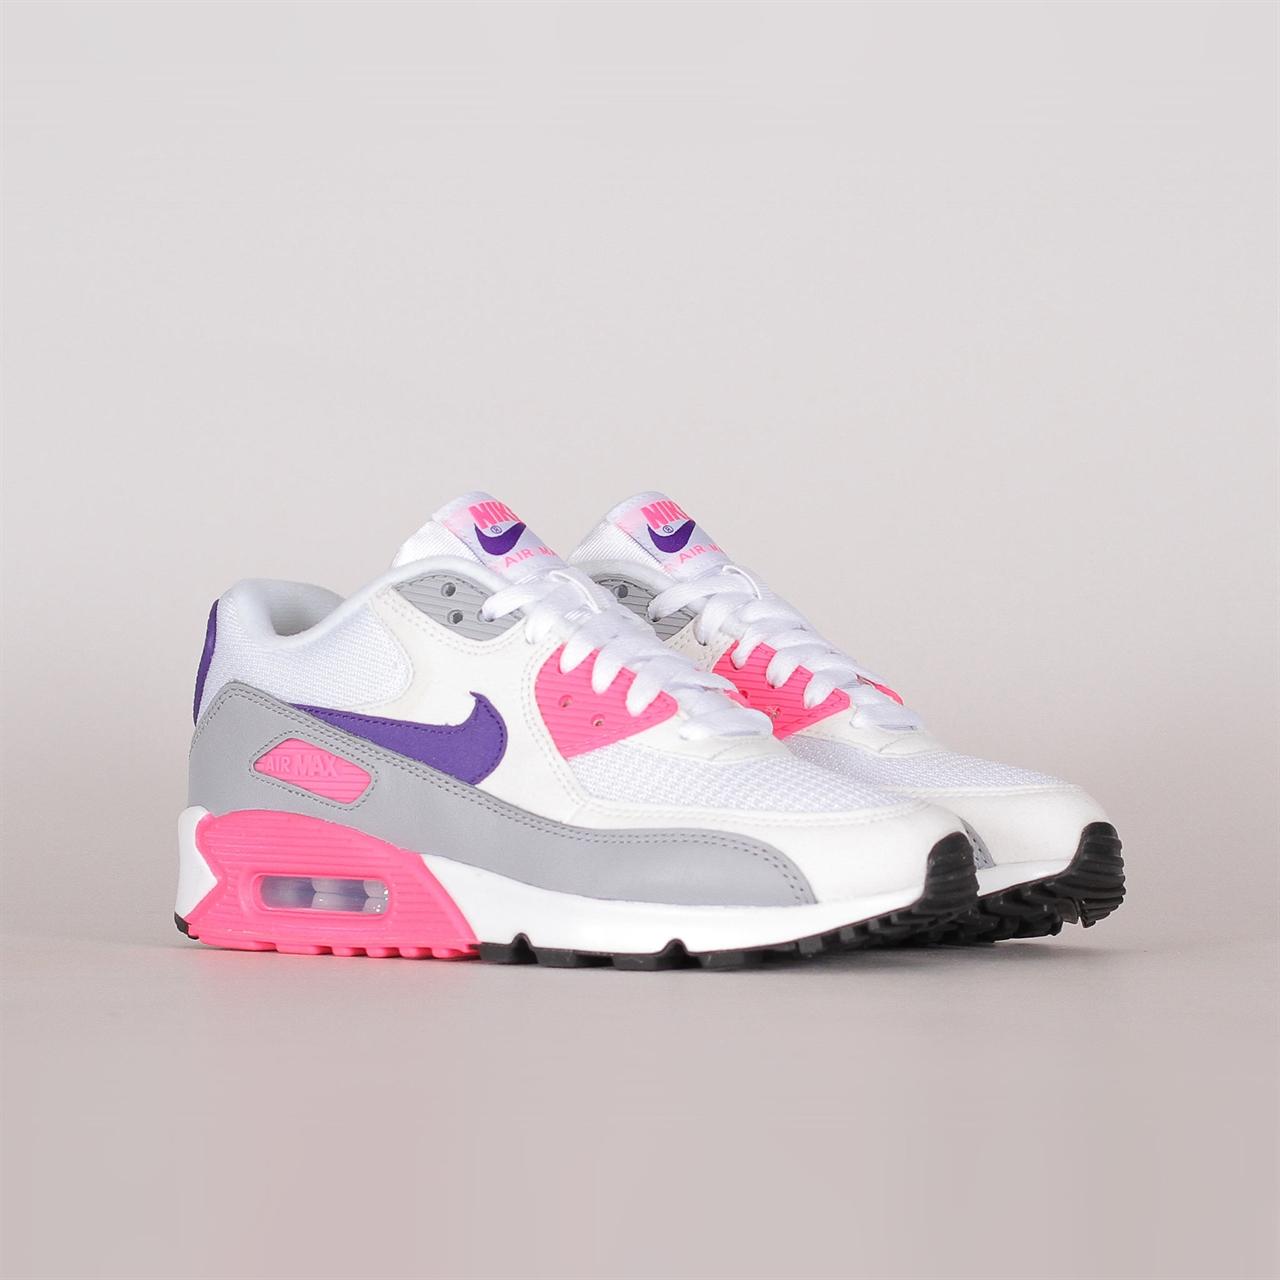 meet 45498 cb33e nike sportswear womens air max 90 325213 136